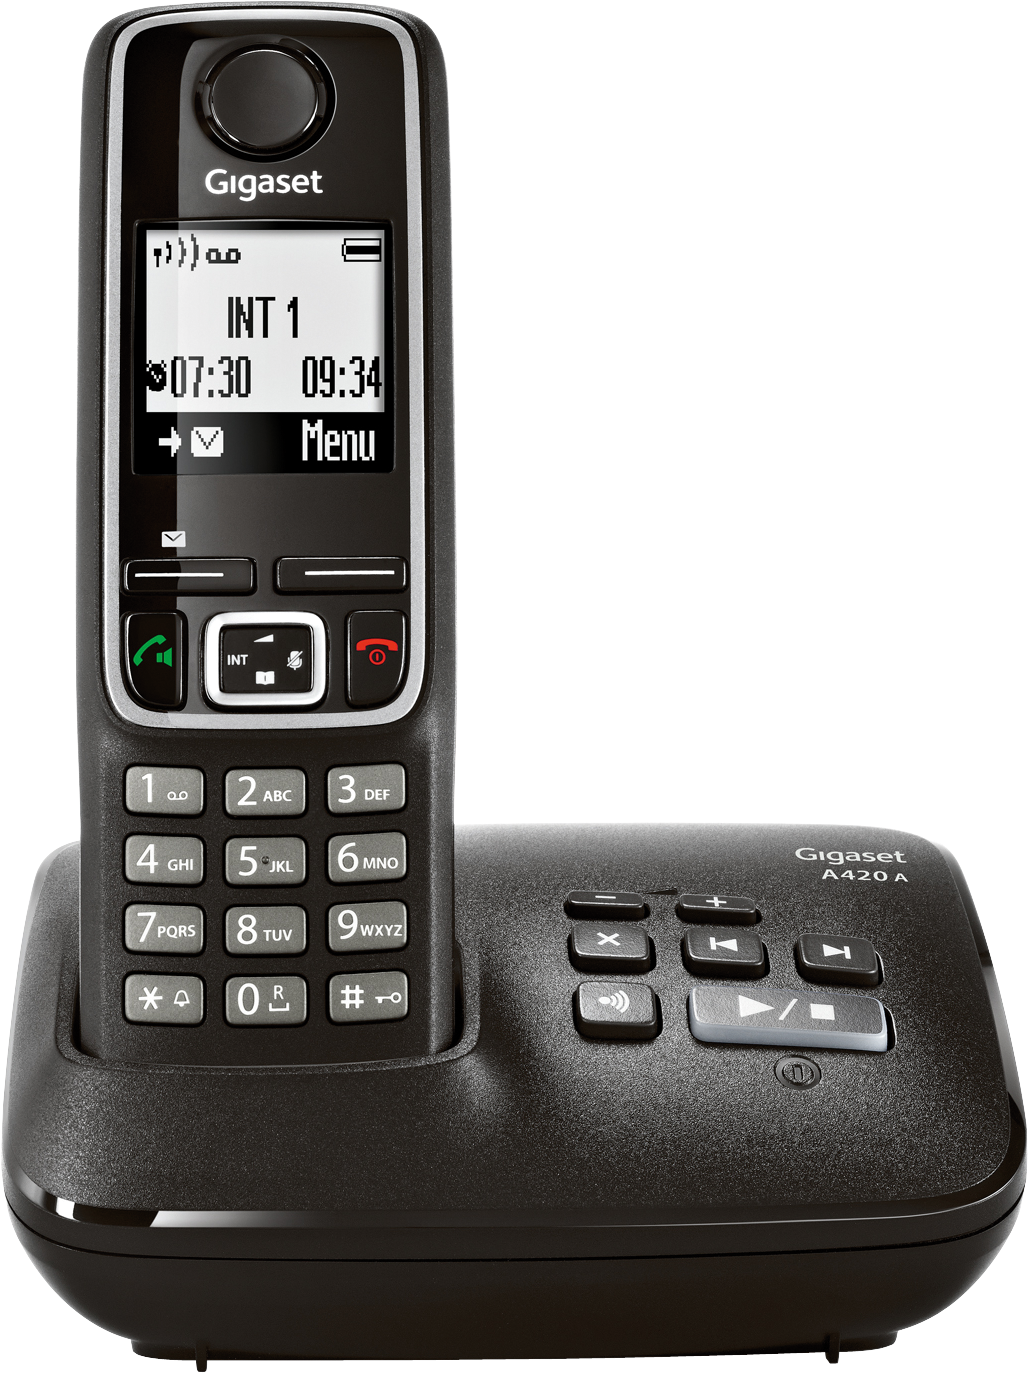 Телефон DECT Gigaset A420 AM RUS от Ravta